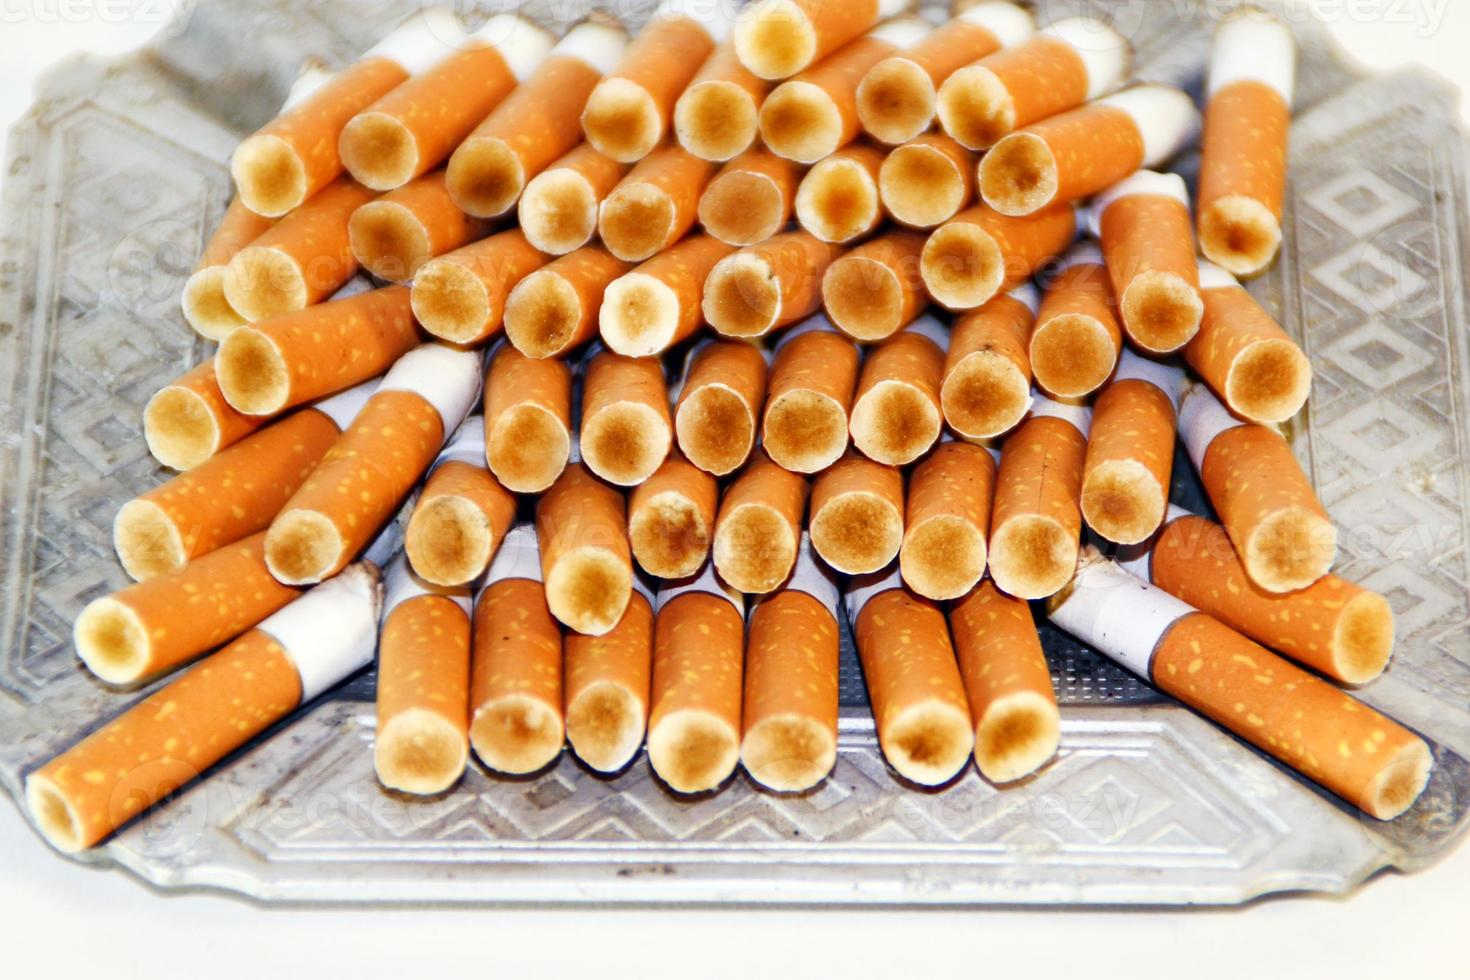 mégots de cigarettes photo